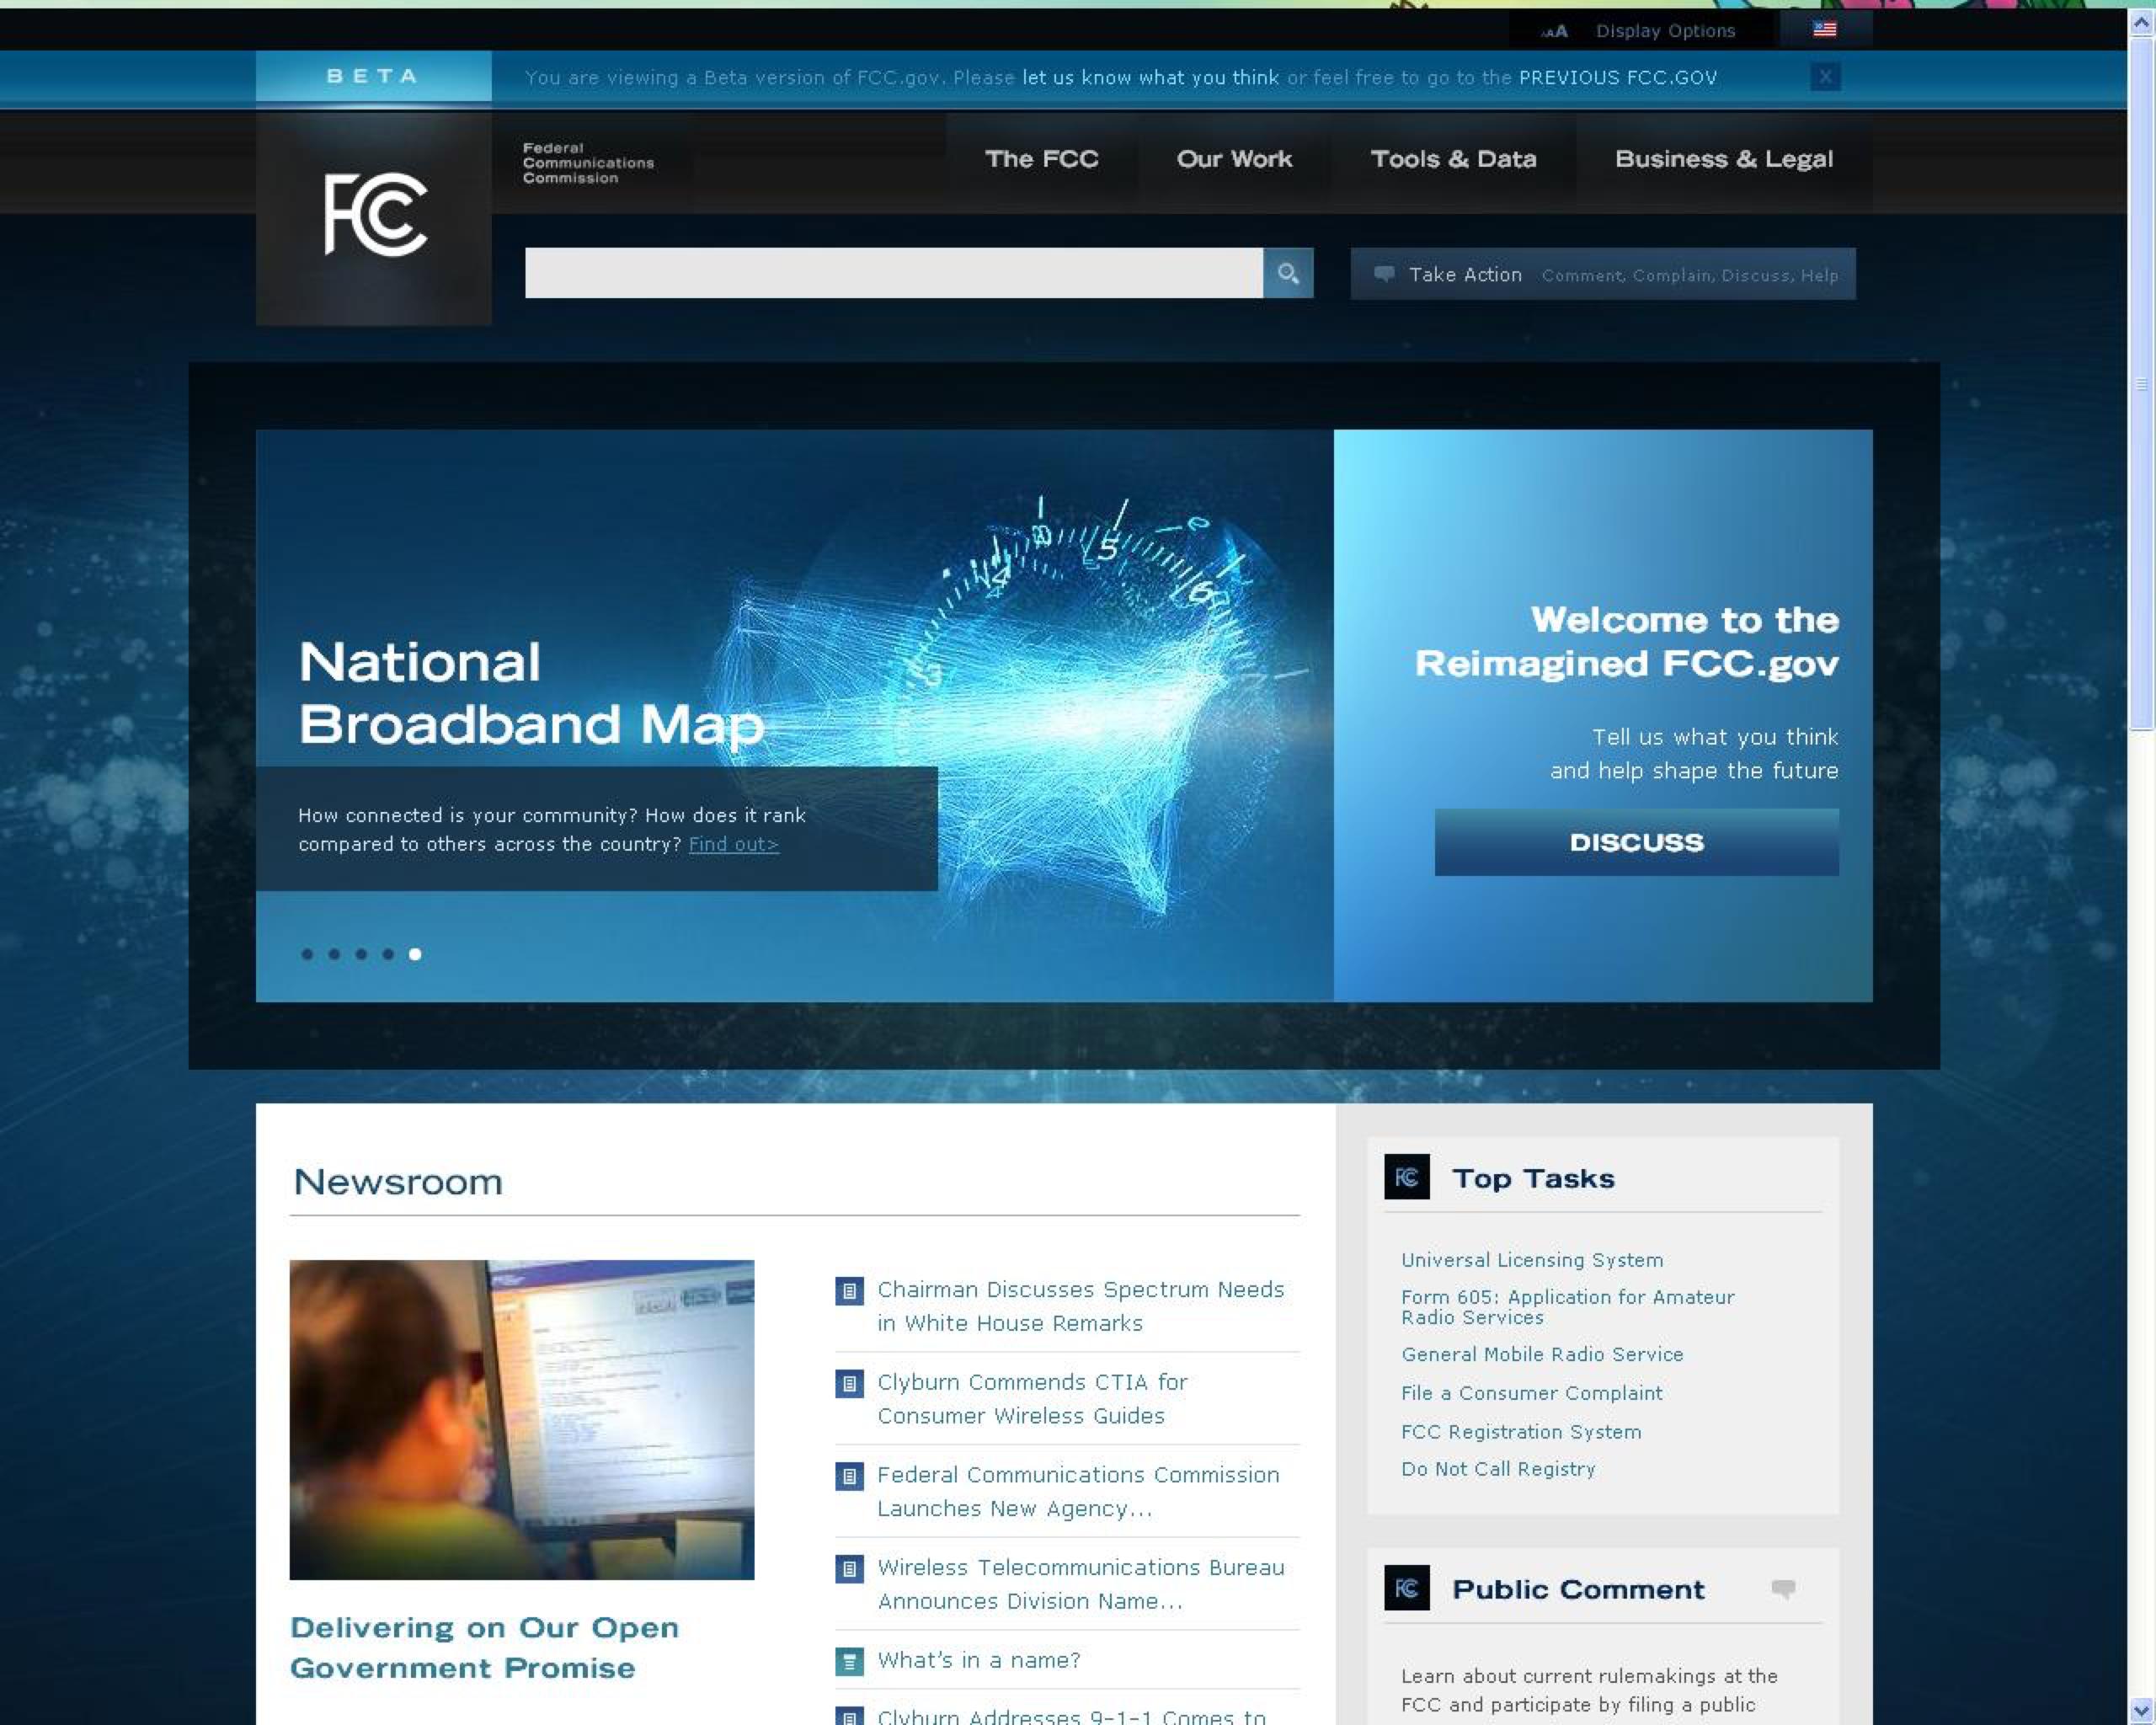 FCC site